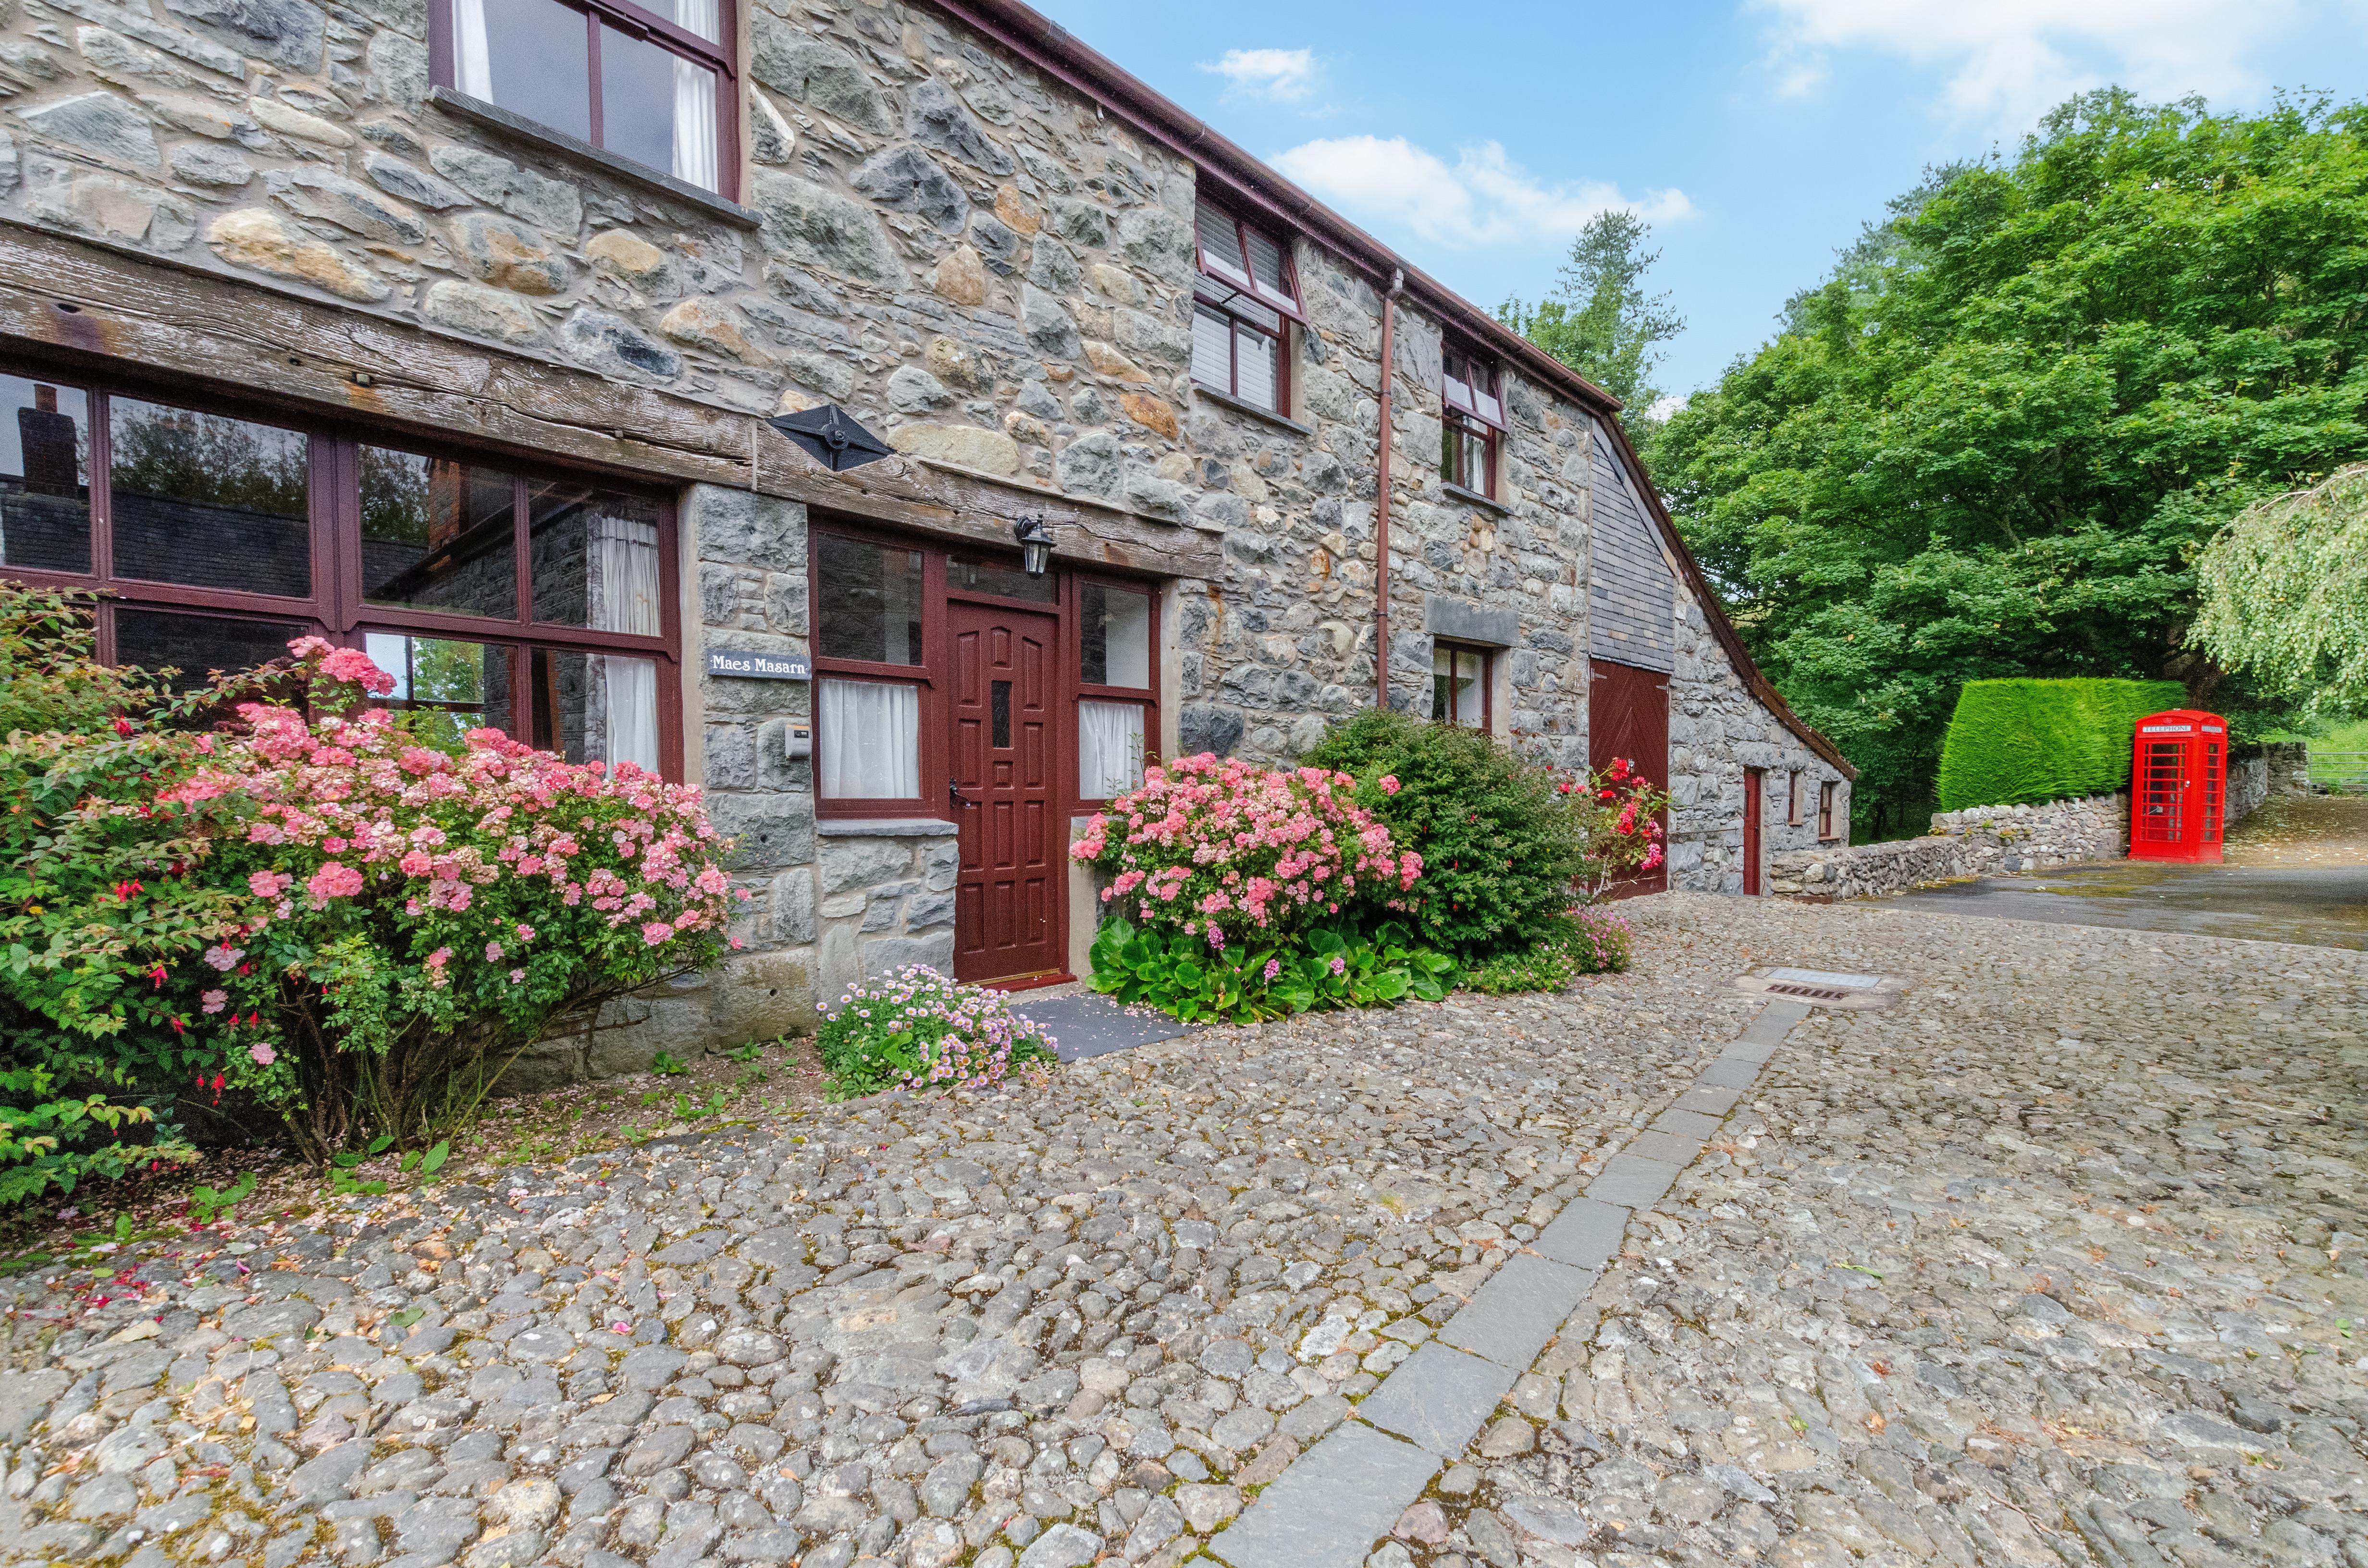 Ferienhaus in Conwy